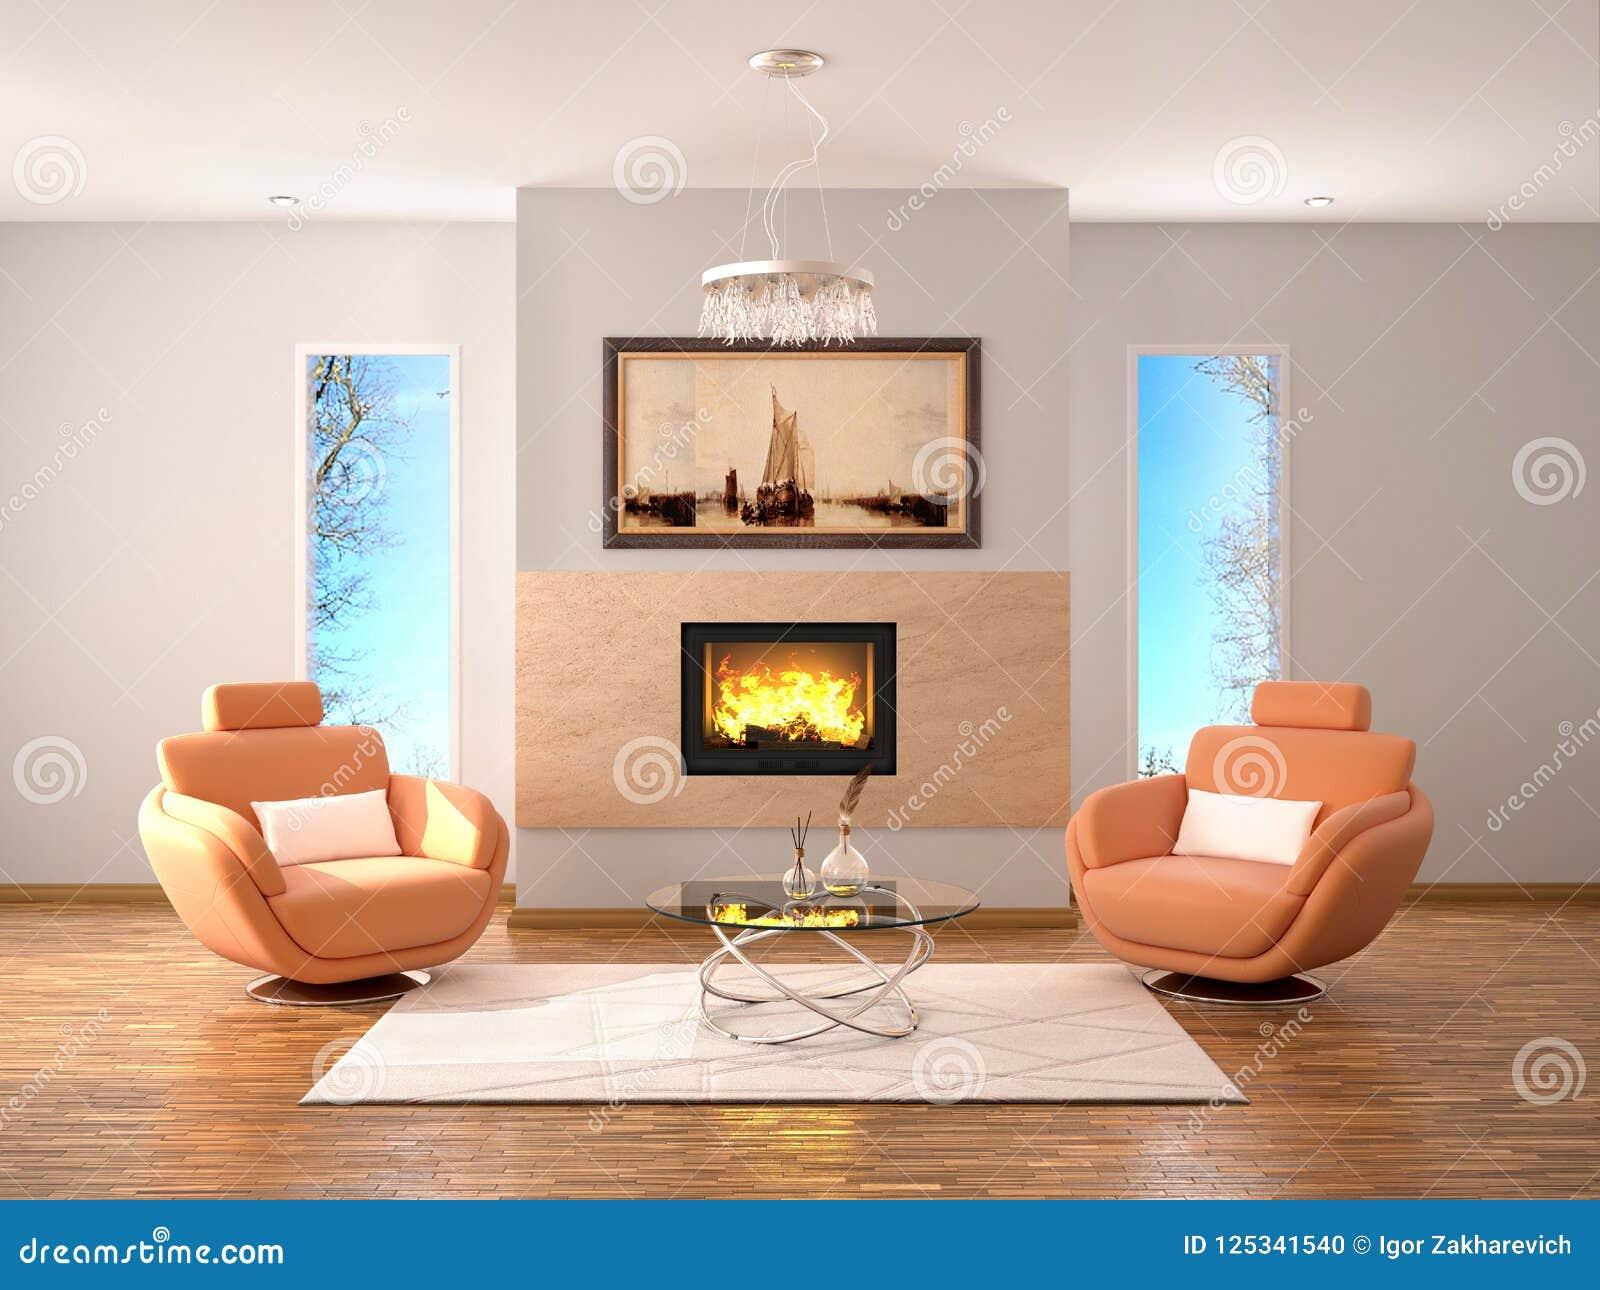 Ontwerp van woonkamer met open haard